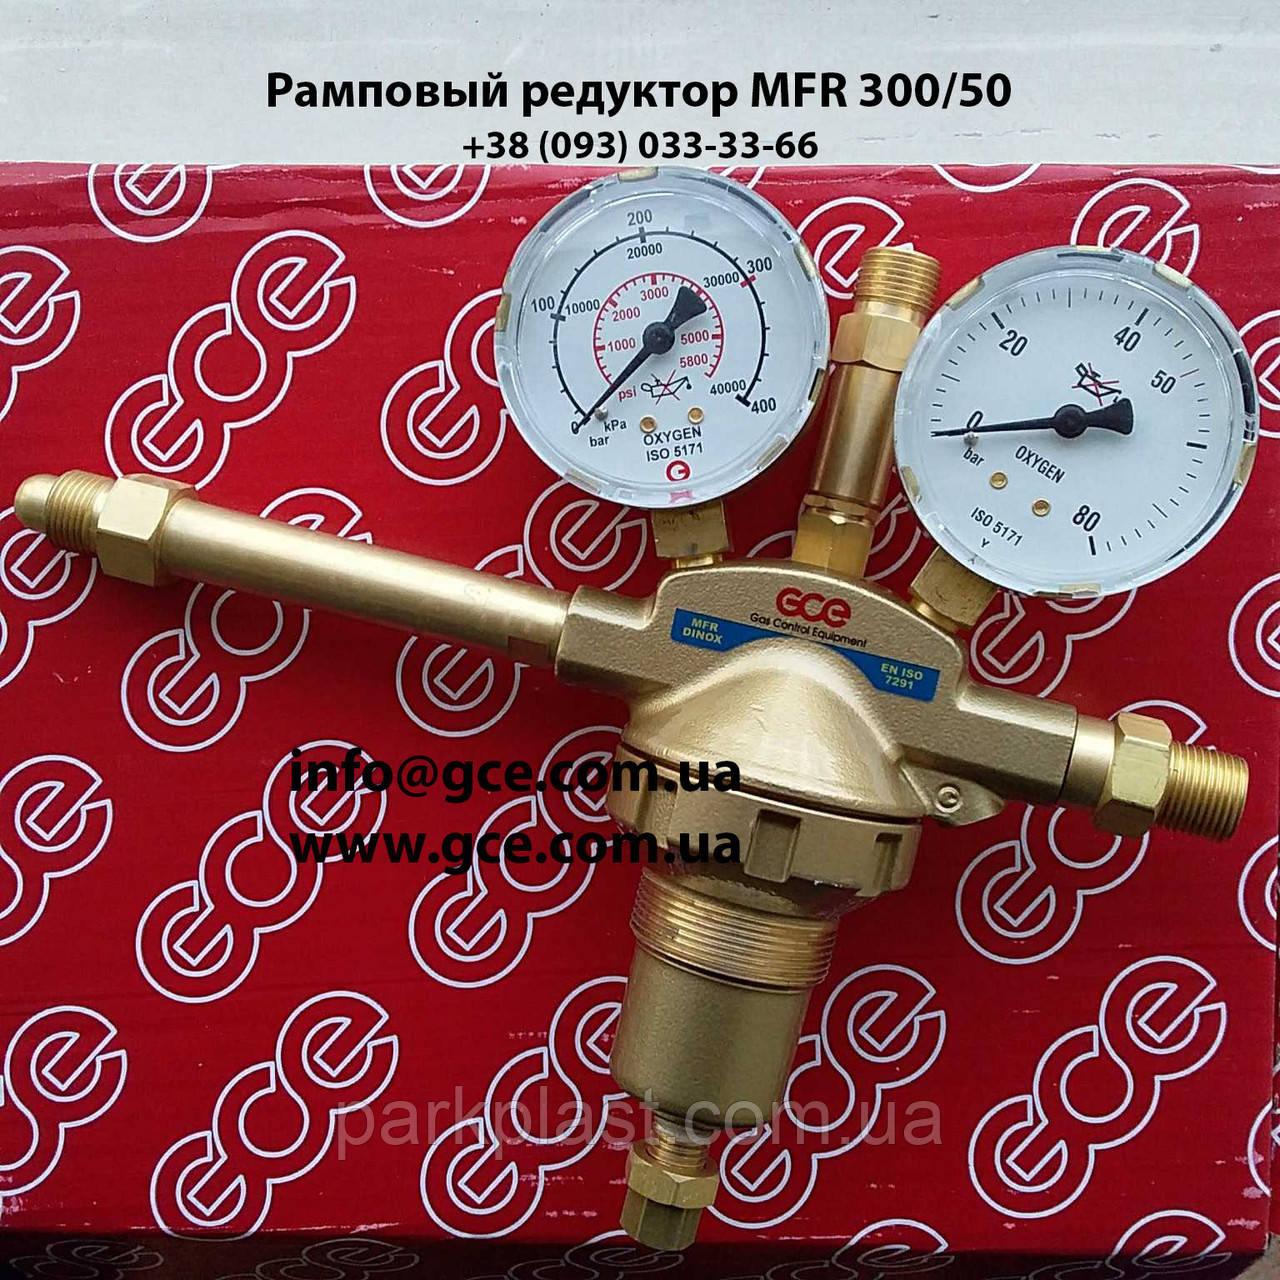 Редуктор рамповый MFR 300/50 GCE, GCE Украина